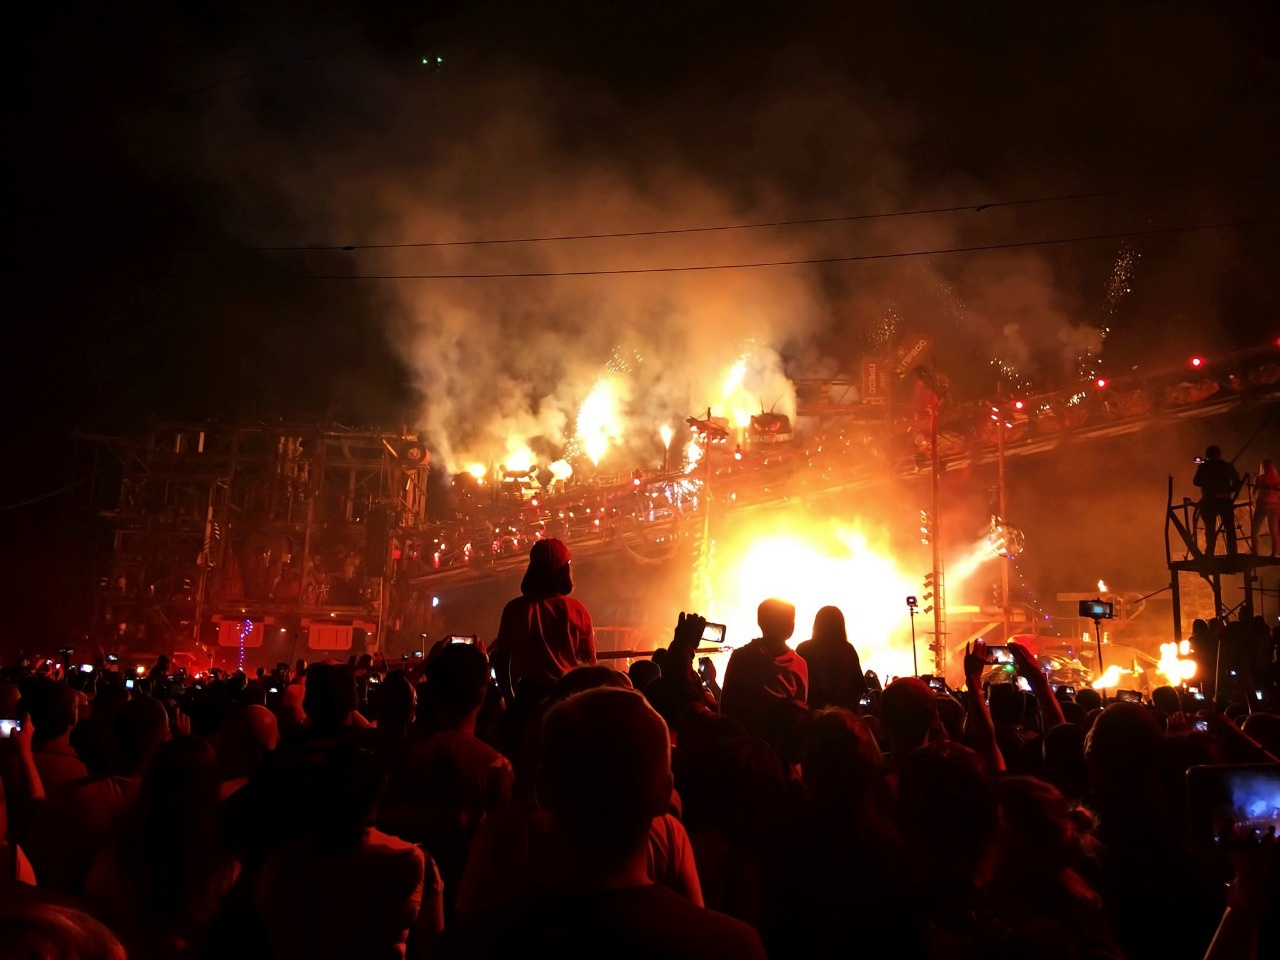 Отчет о XXIII «Байк-Шоу» под названием «Русская Мечта» на горе Гасфорта под Севастополем